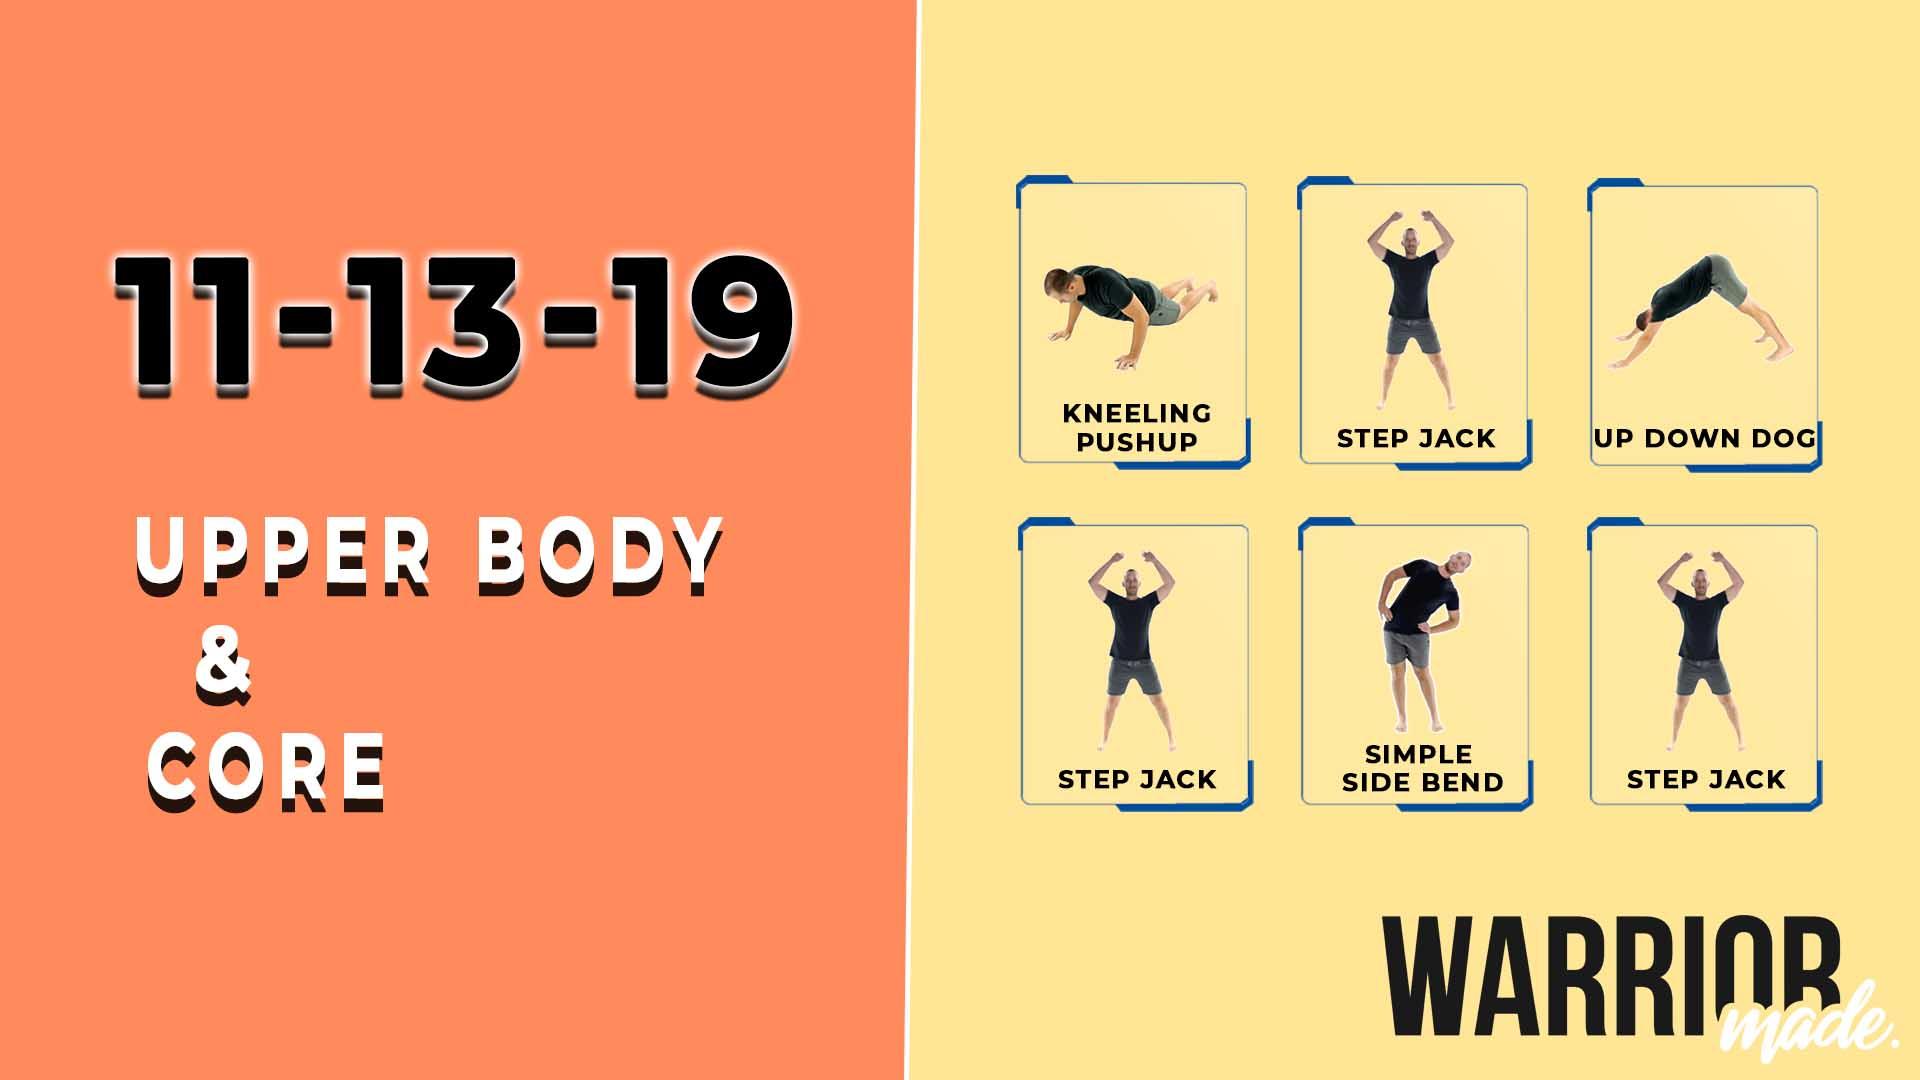 workouts-11-13-19